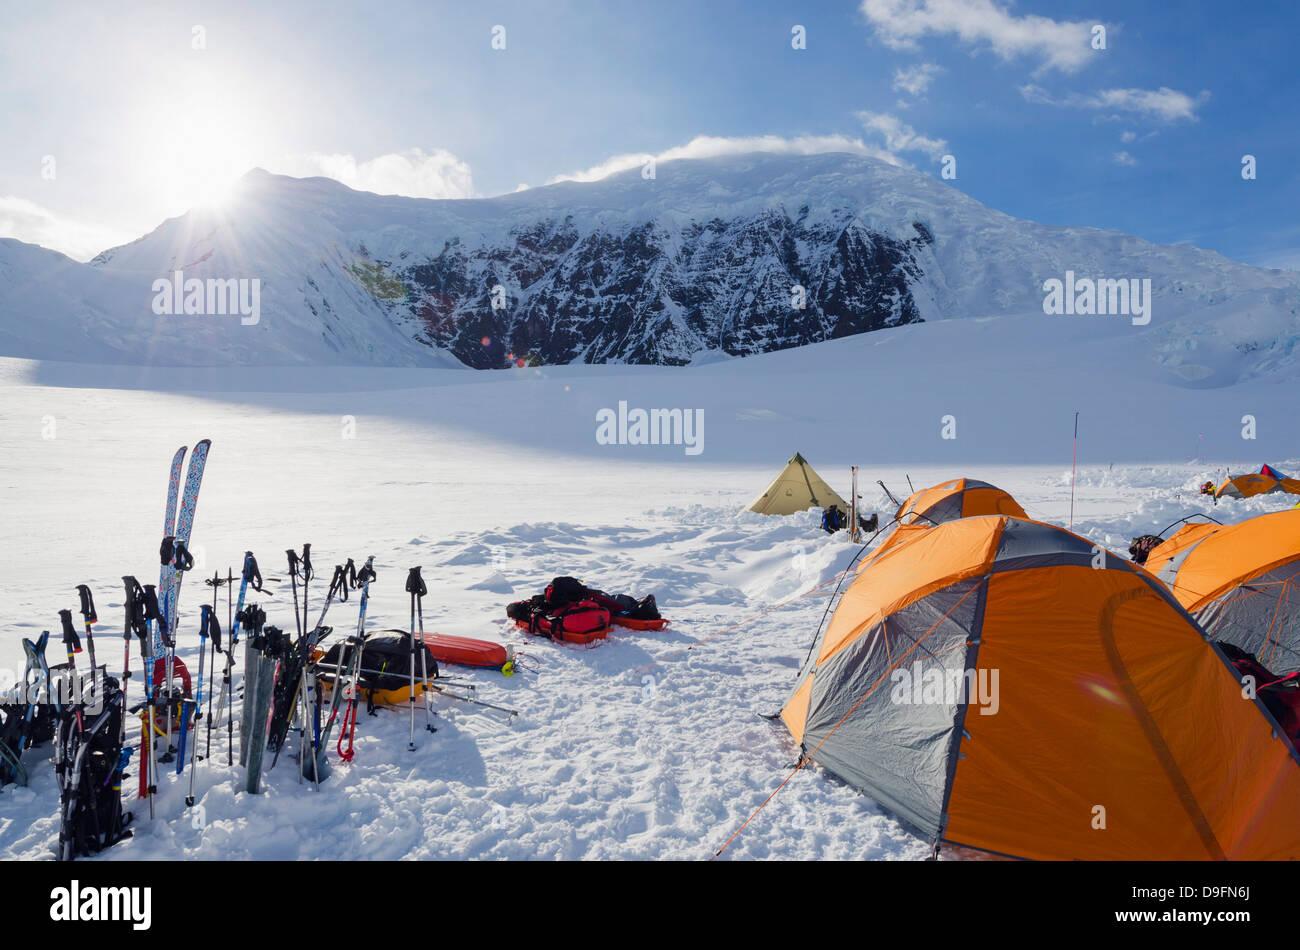 Campamento 1, expedición de escalada en el monte McKinley, 6194m, el Parque Nacional Denali, Alaska, EE.UU. Imagen De Stock